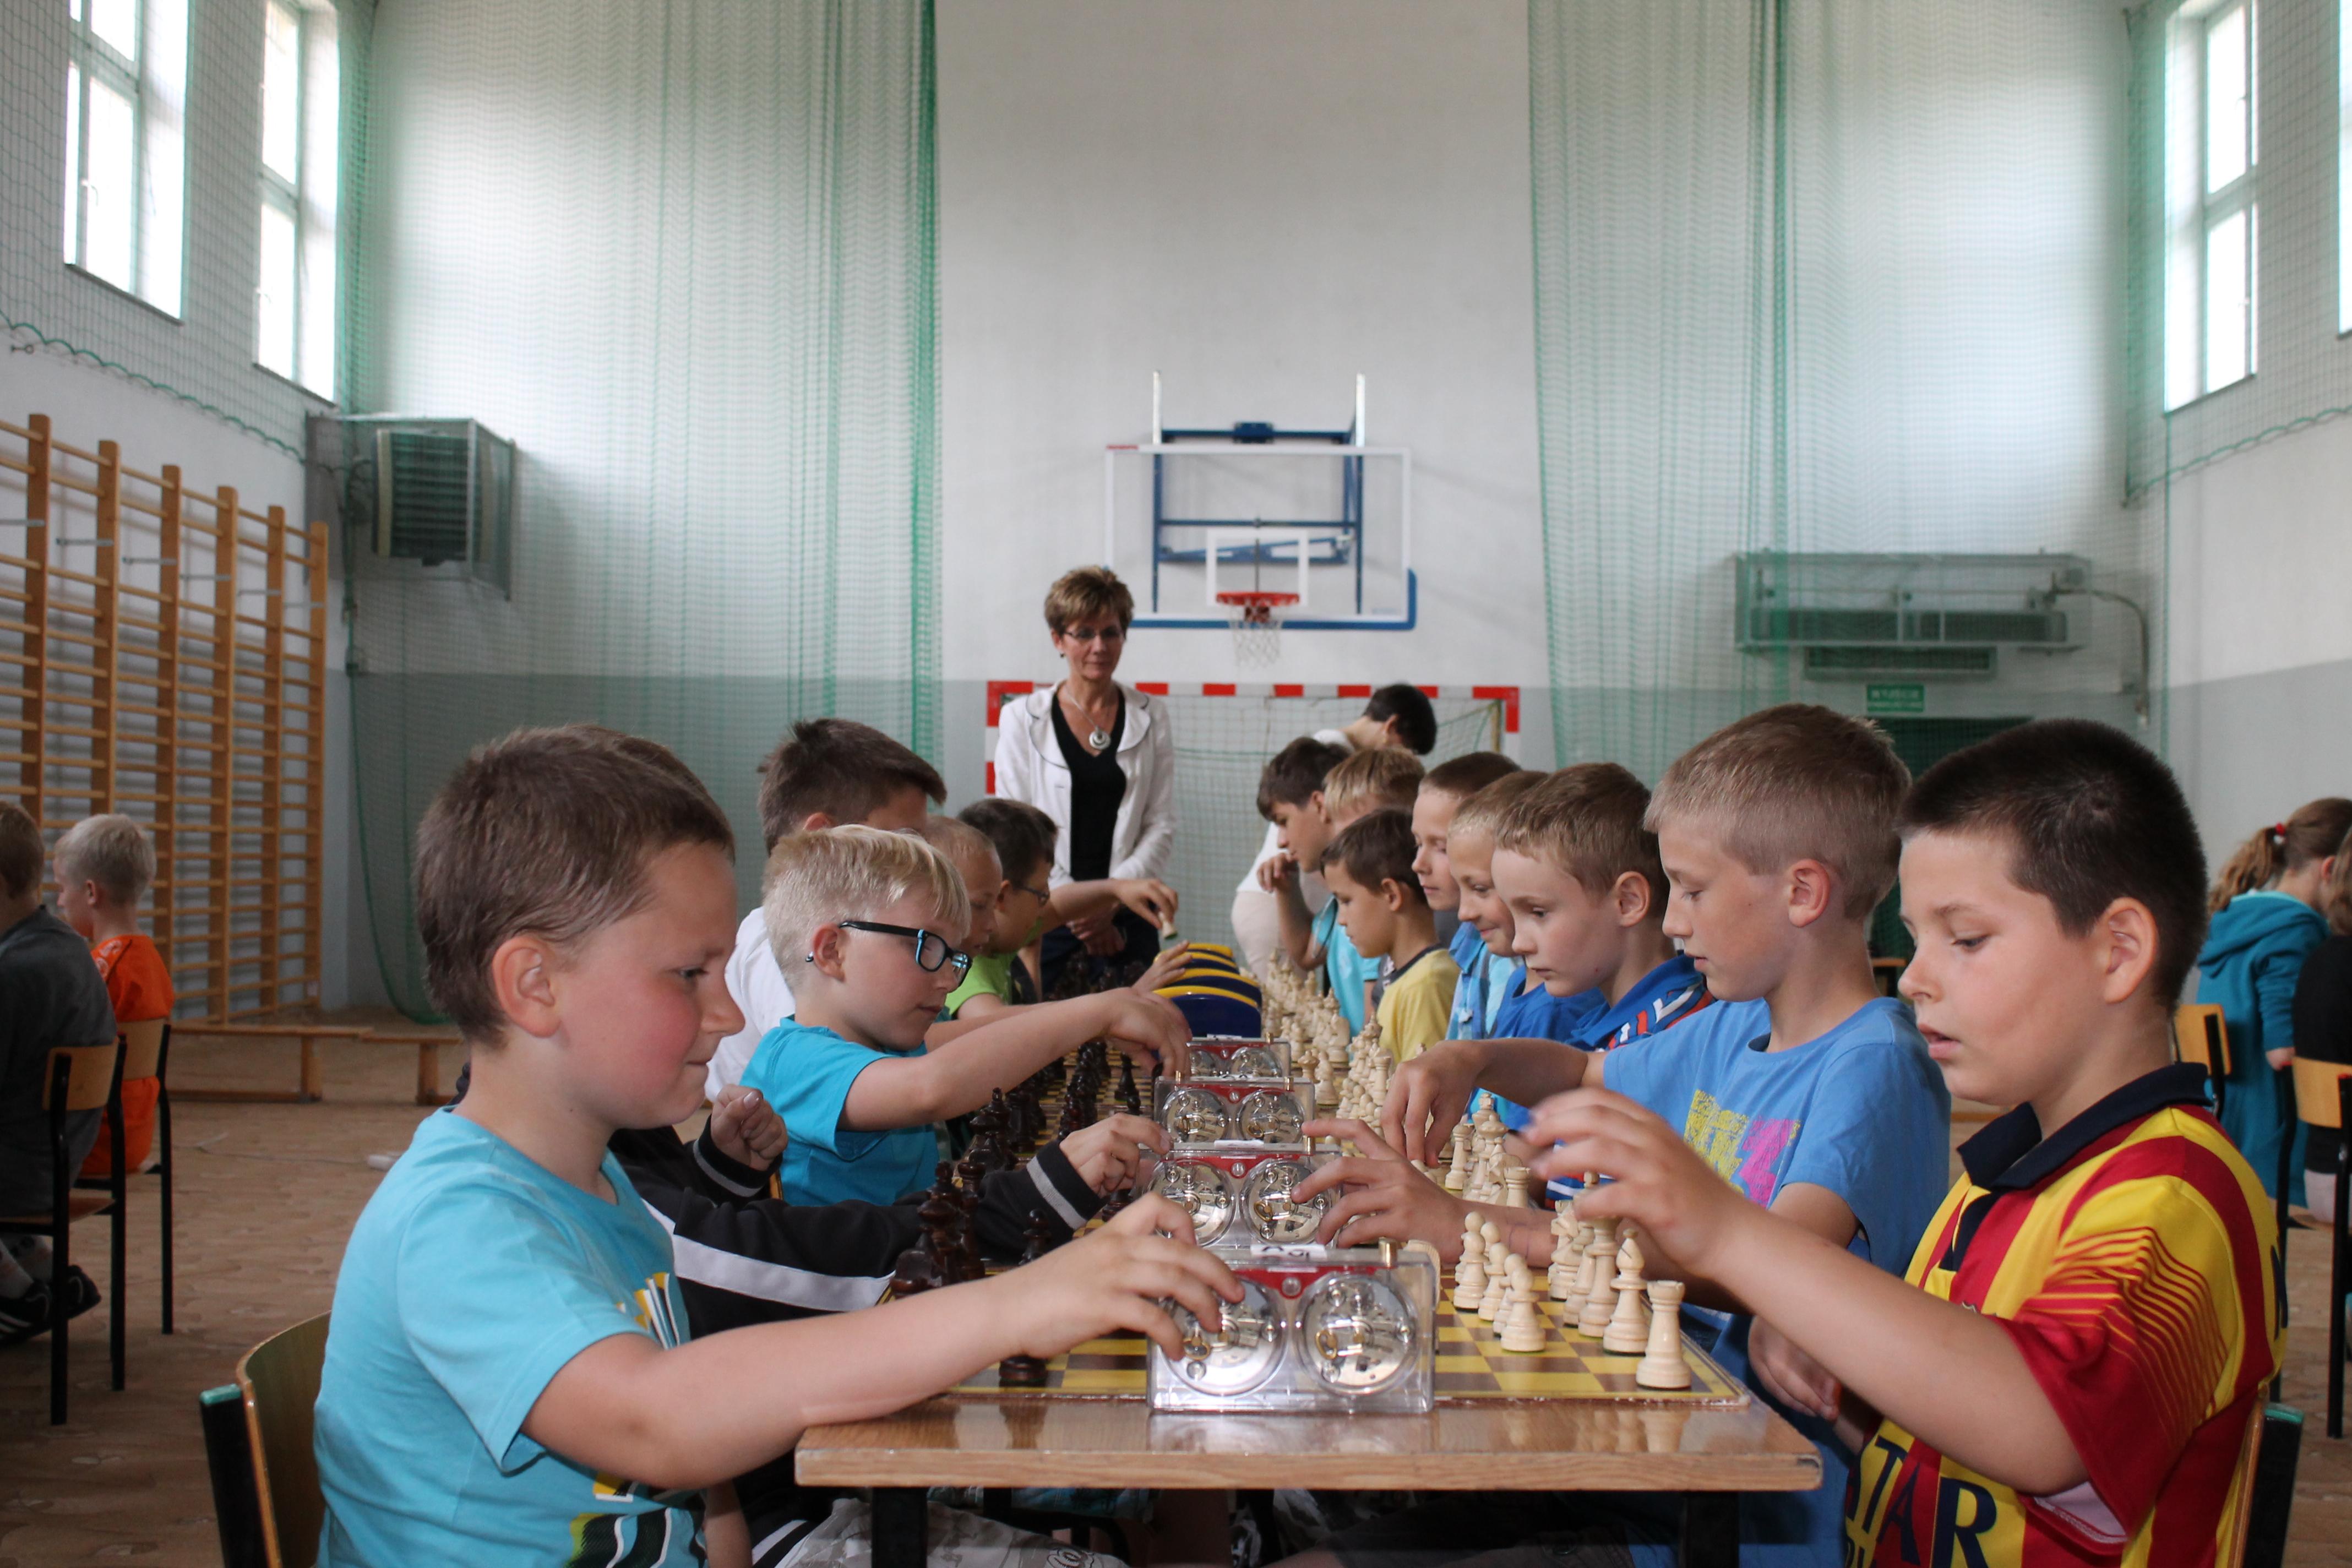 II Szachowe Mistrzostwa Szkoły Podstawowej w Jaworzynie Śląskiej, 26.05.2014